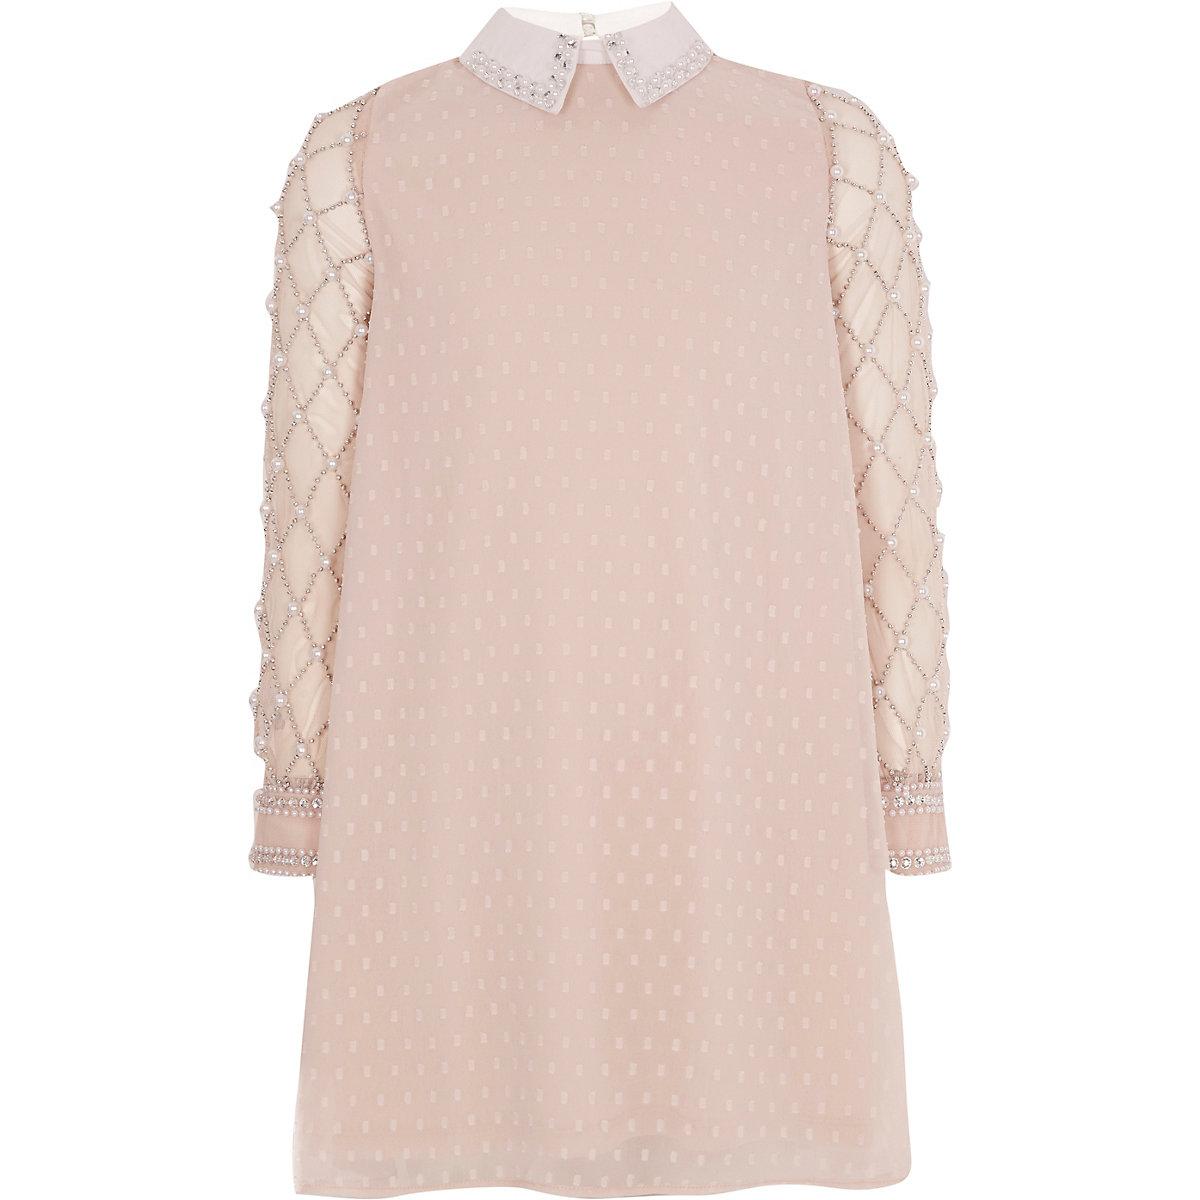 Girls light pink pearl embellished dress